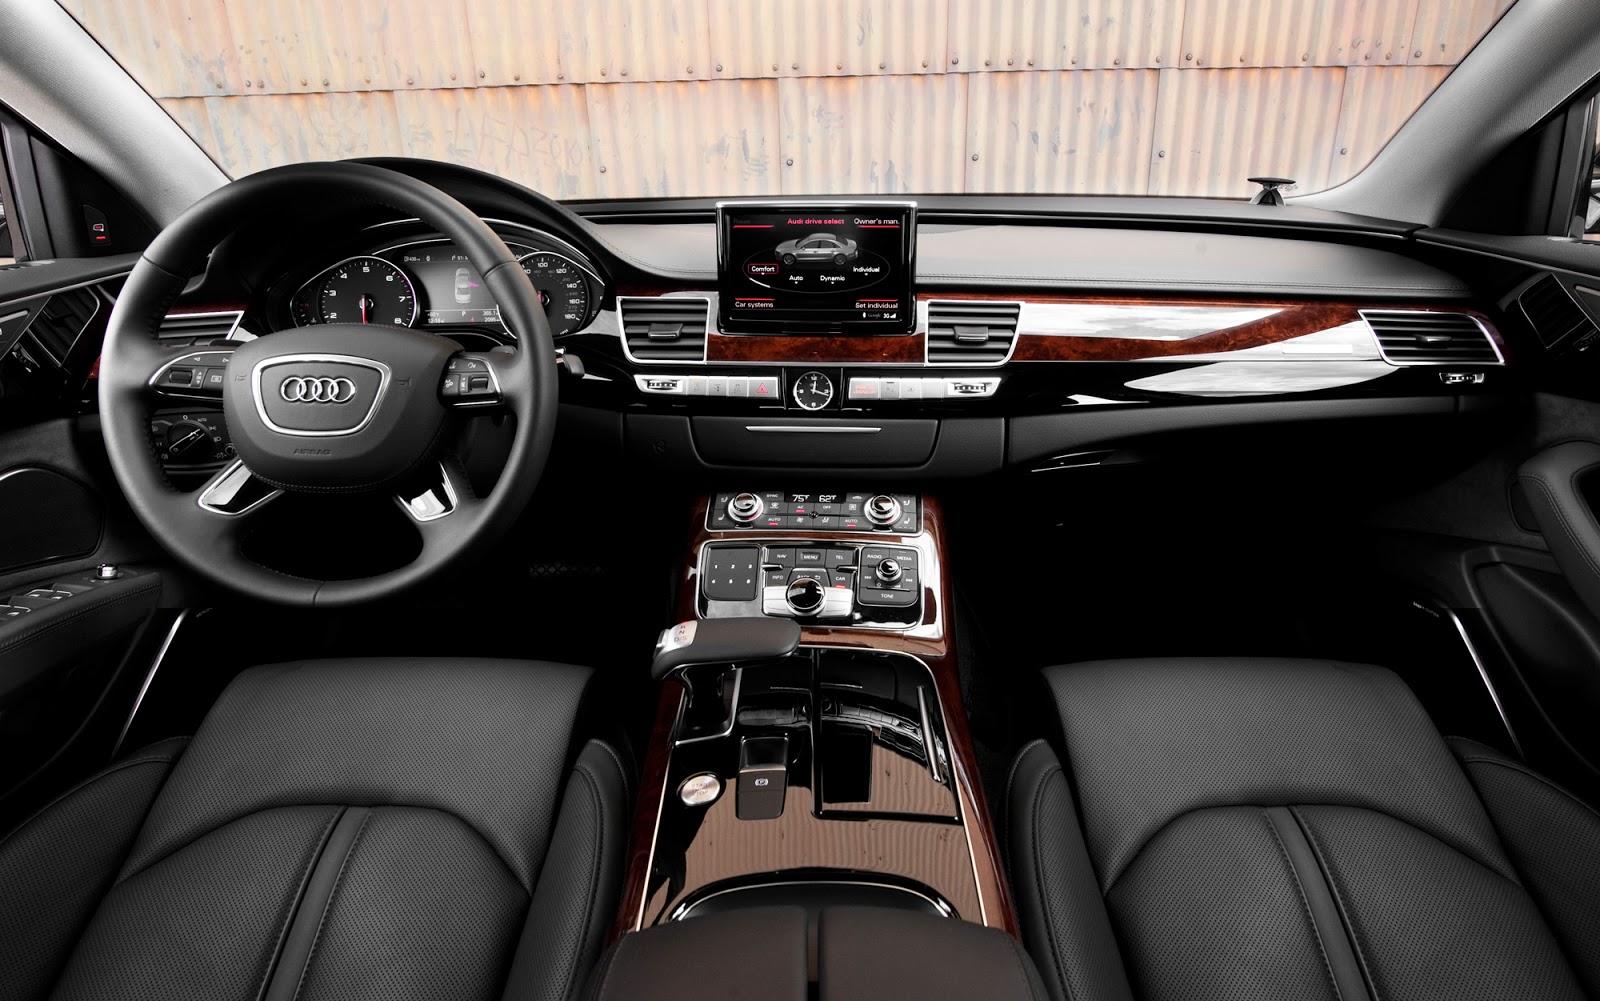 Audi interior car models - Ways to customize your car interior ...